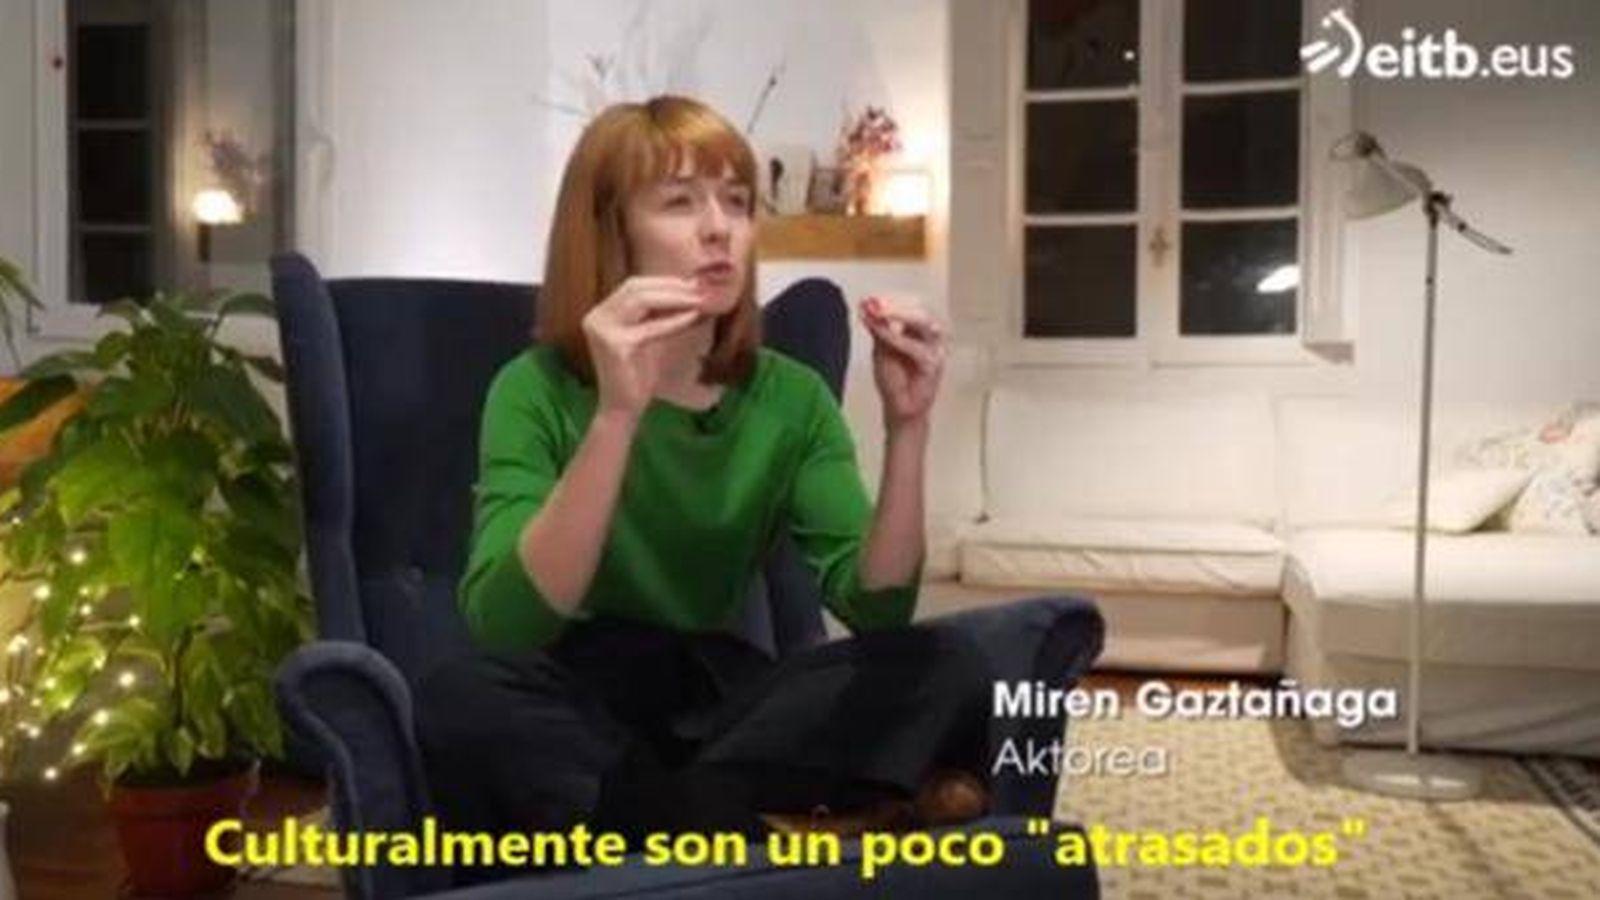 Foto: Miren Gaztañaga, en la televisión vasca, ridiculiza a los españoles.